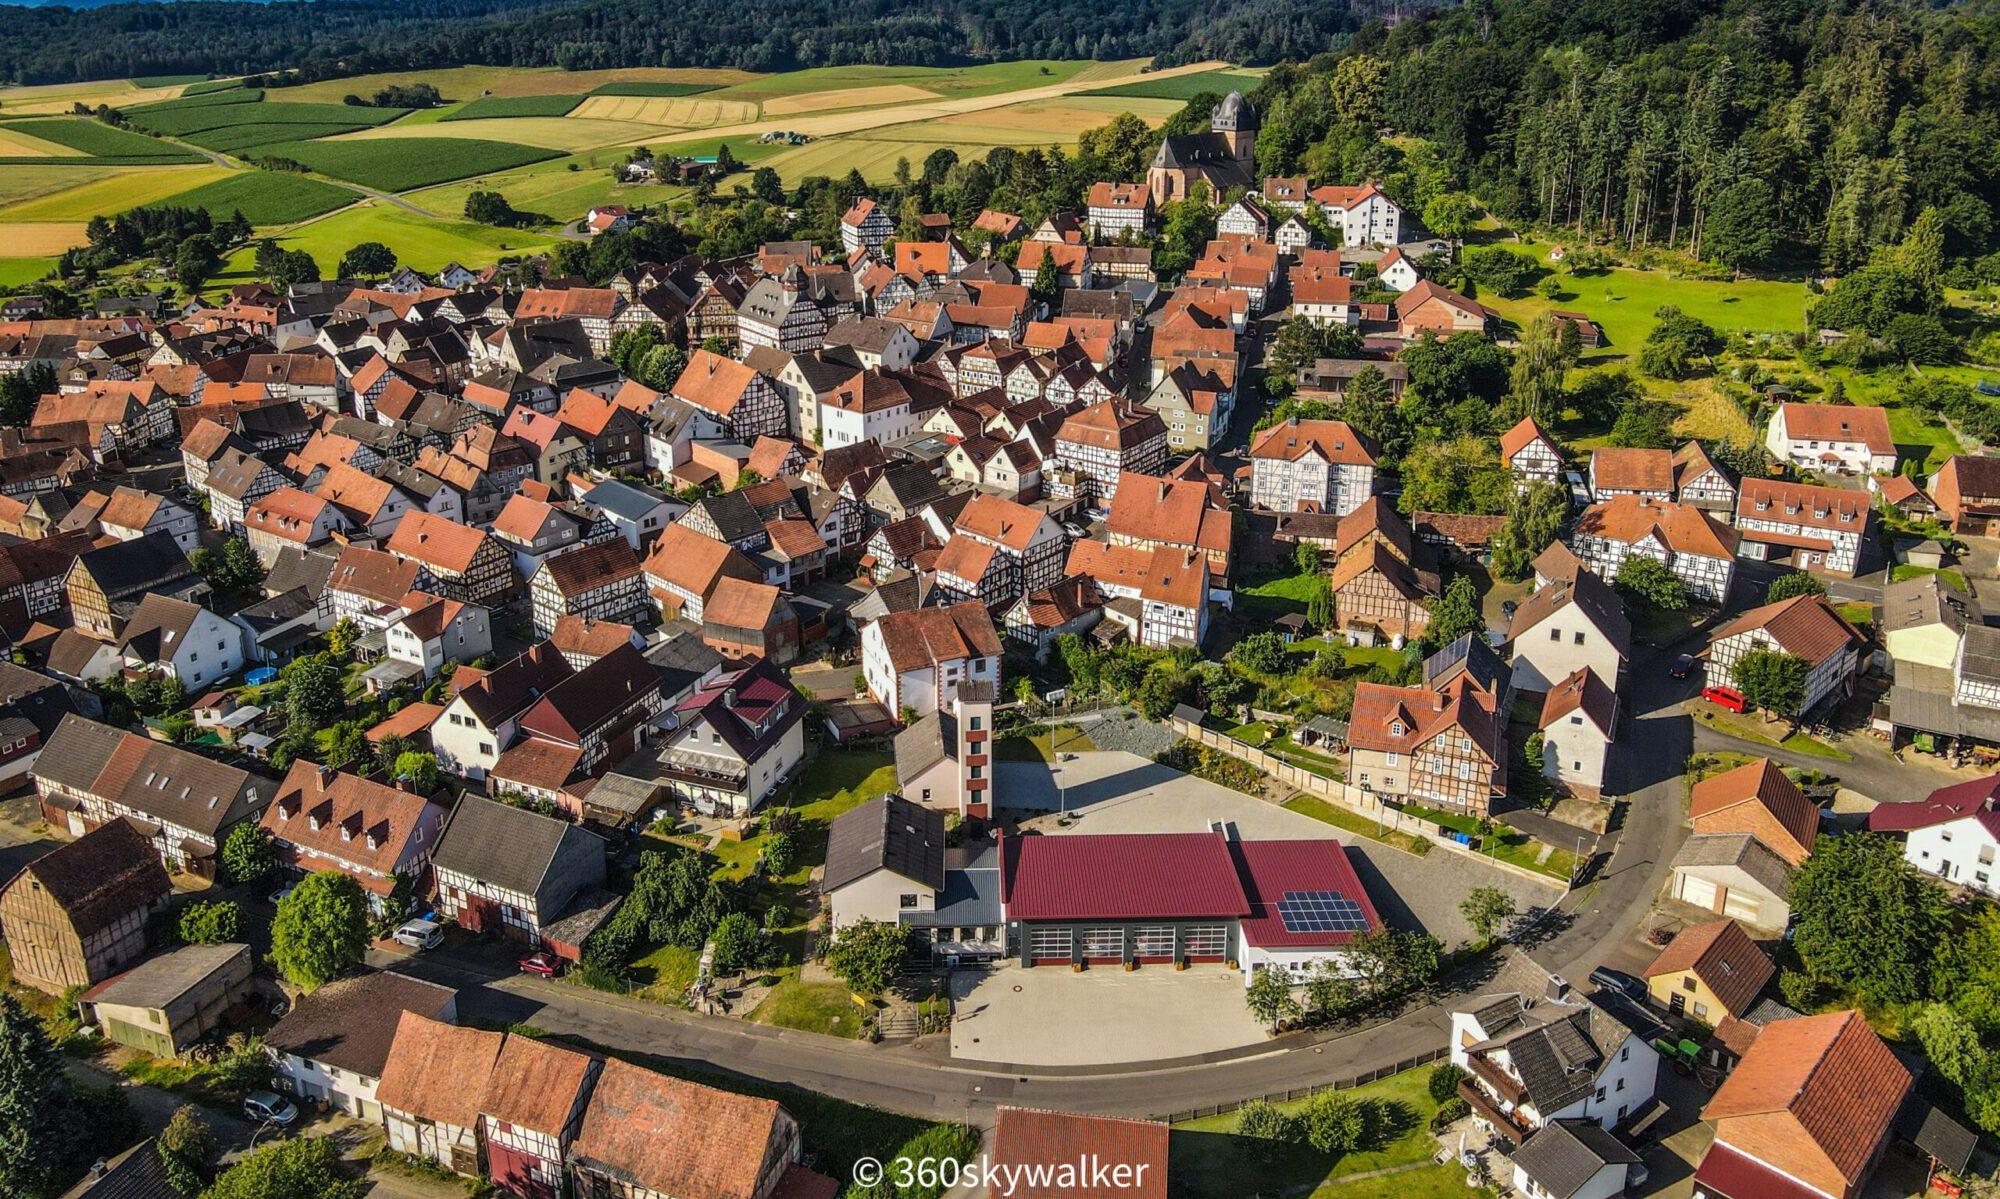 Stadtverband Rauschenberg